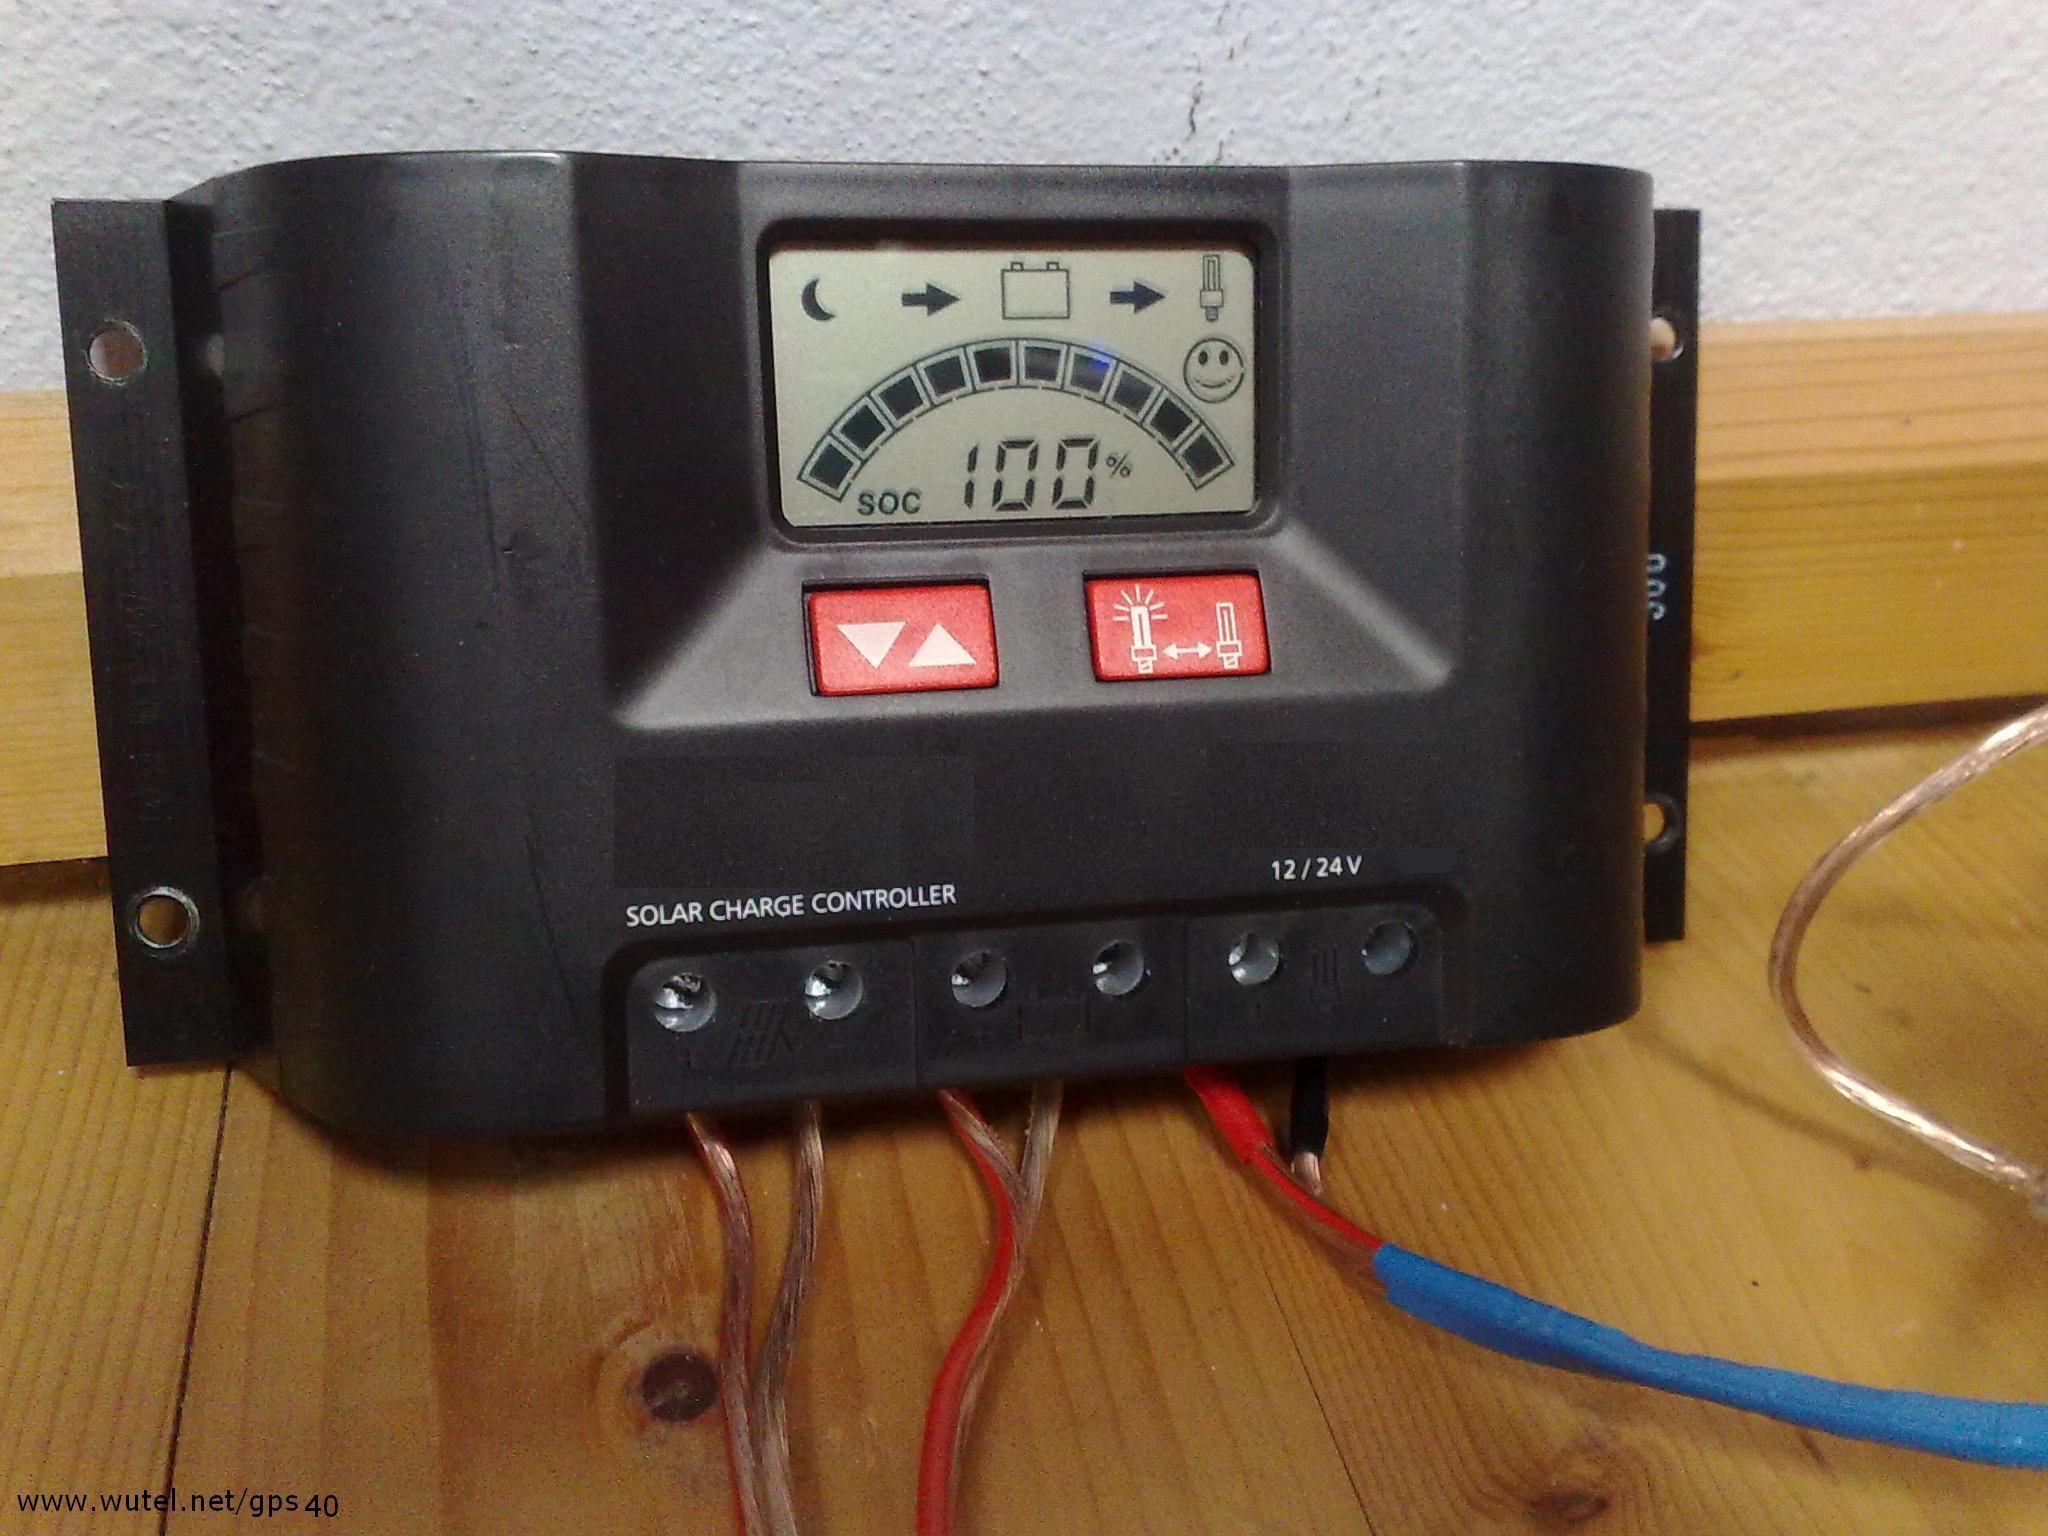 Schema Elettrico Regolatore Di Carica Per Pannelli Solari : Wutel g p s w